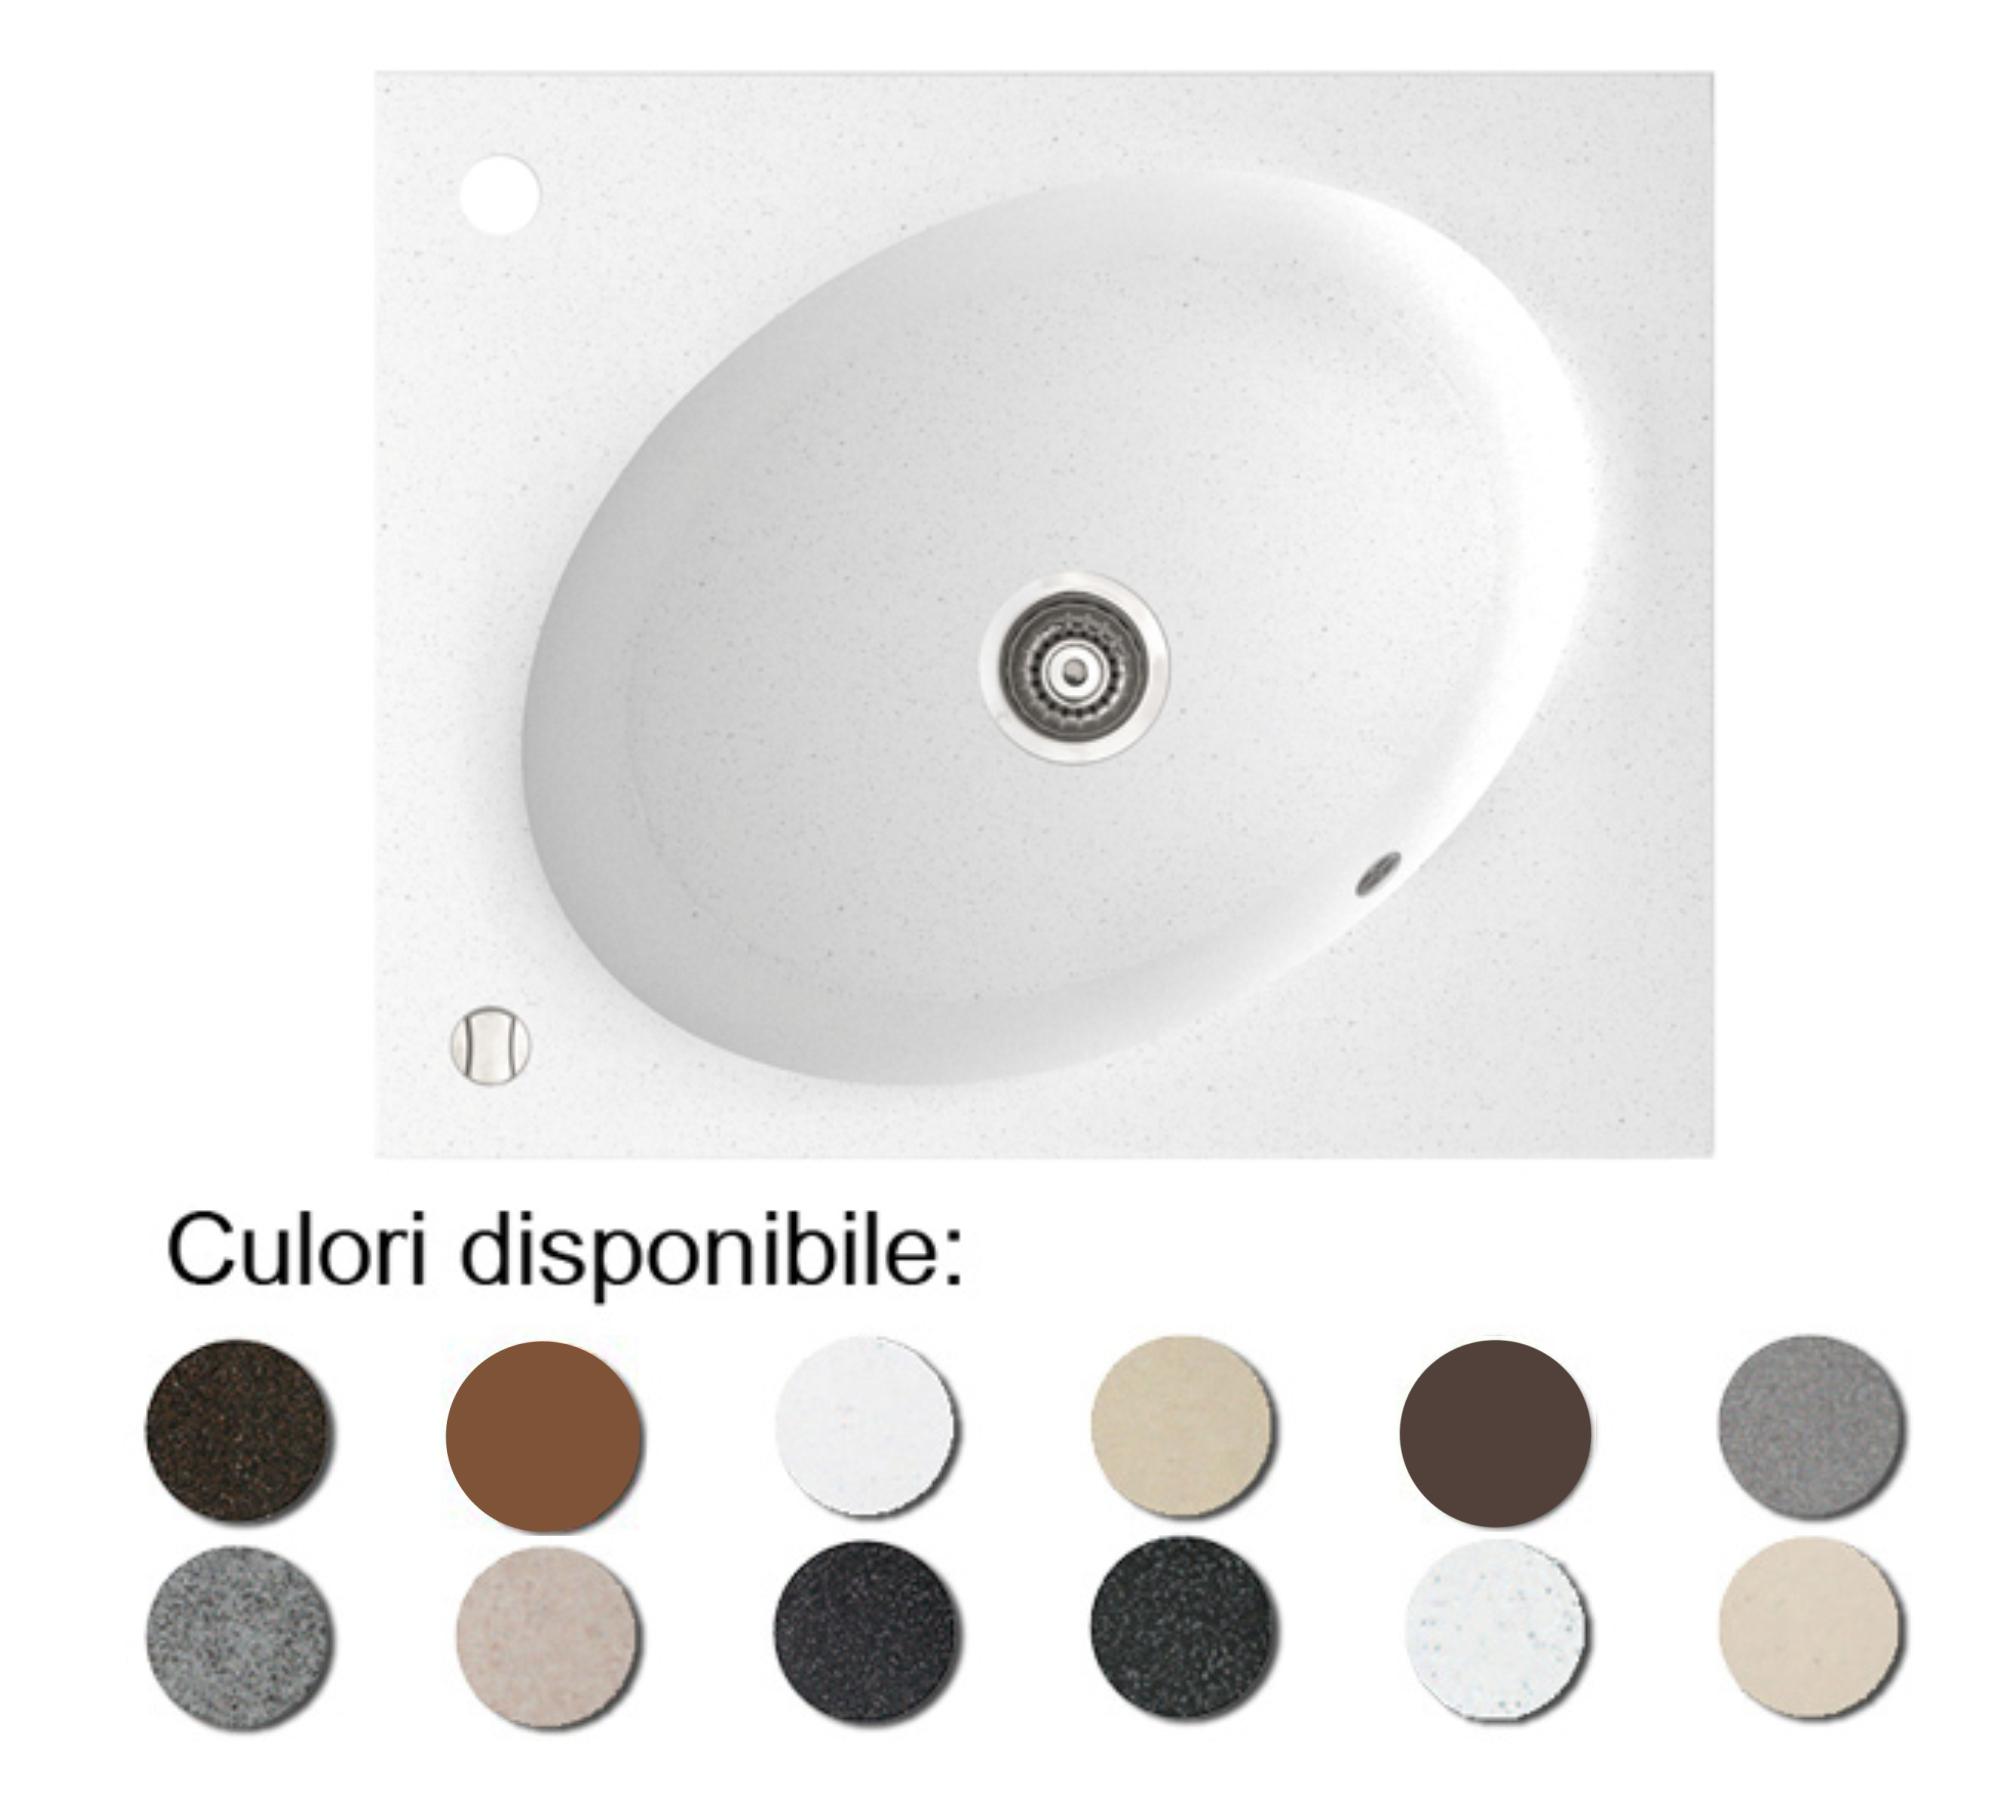 Foto Chiuveta Bucatarie Granit Compozit Anticalcar Cuva Ovala Spatio